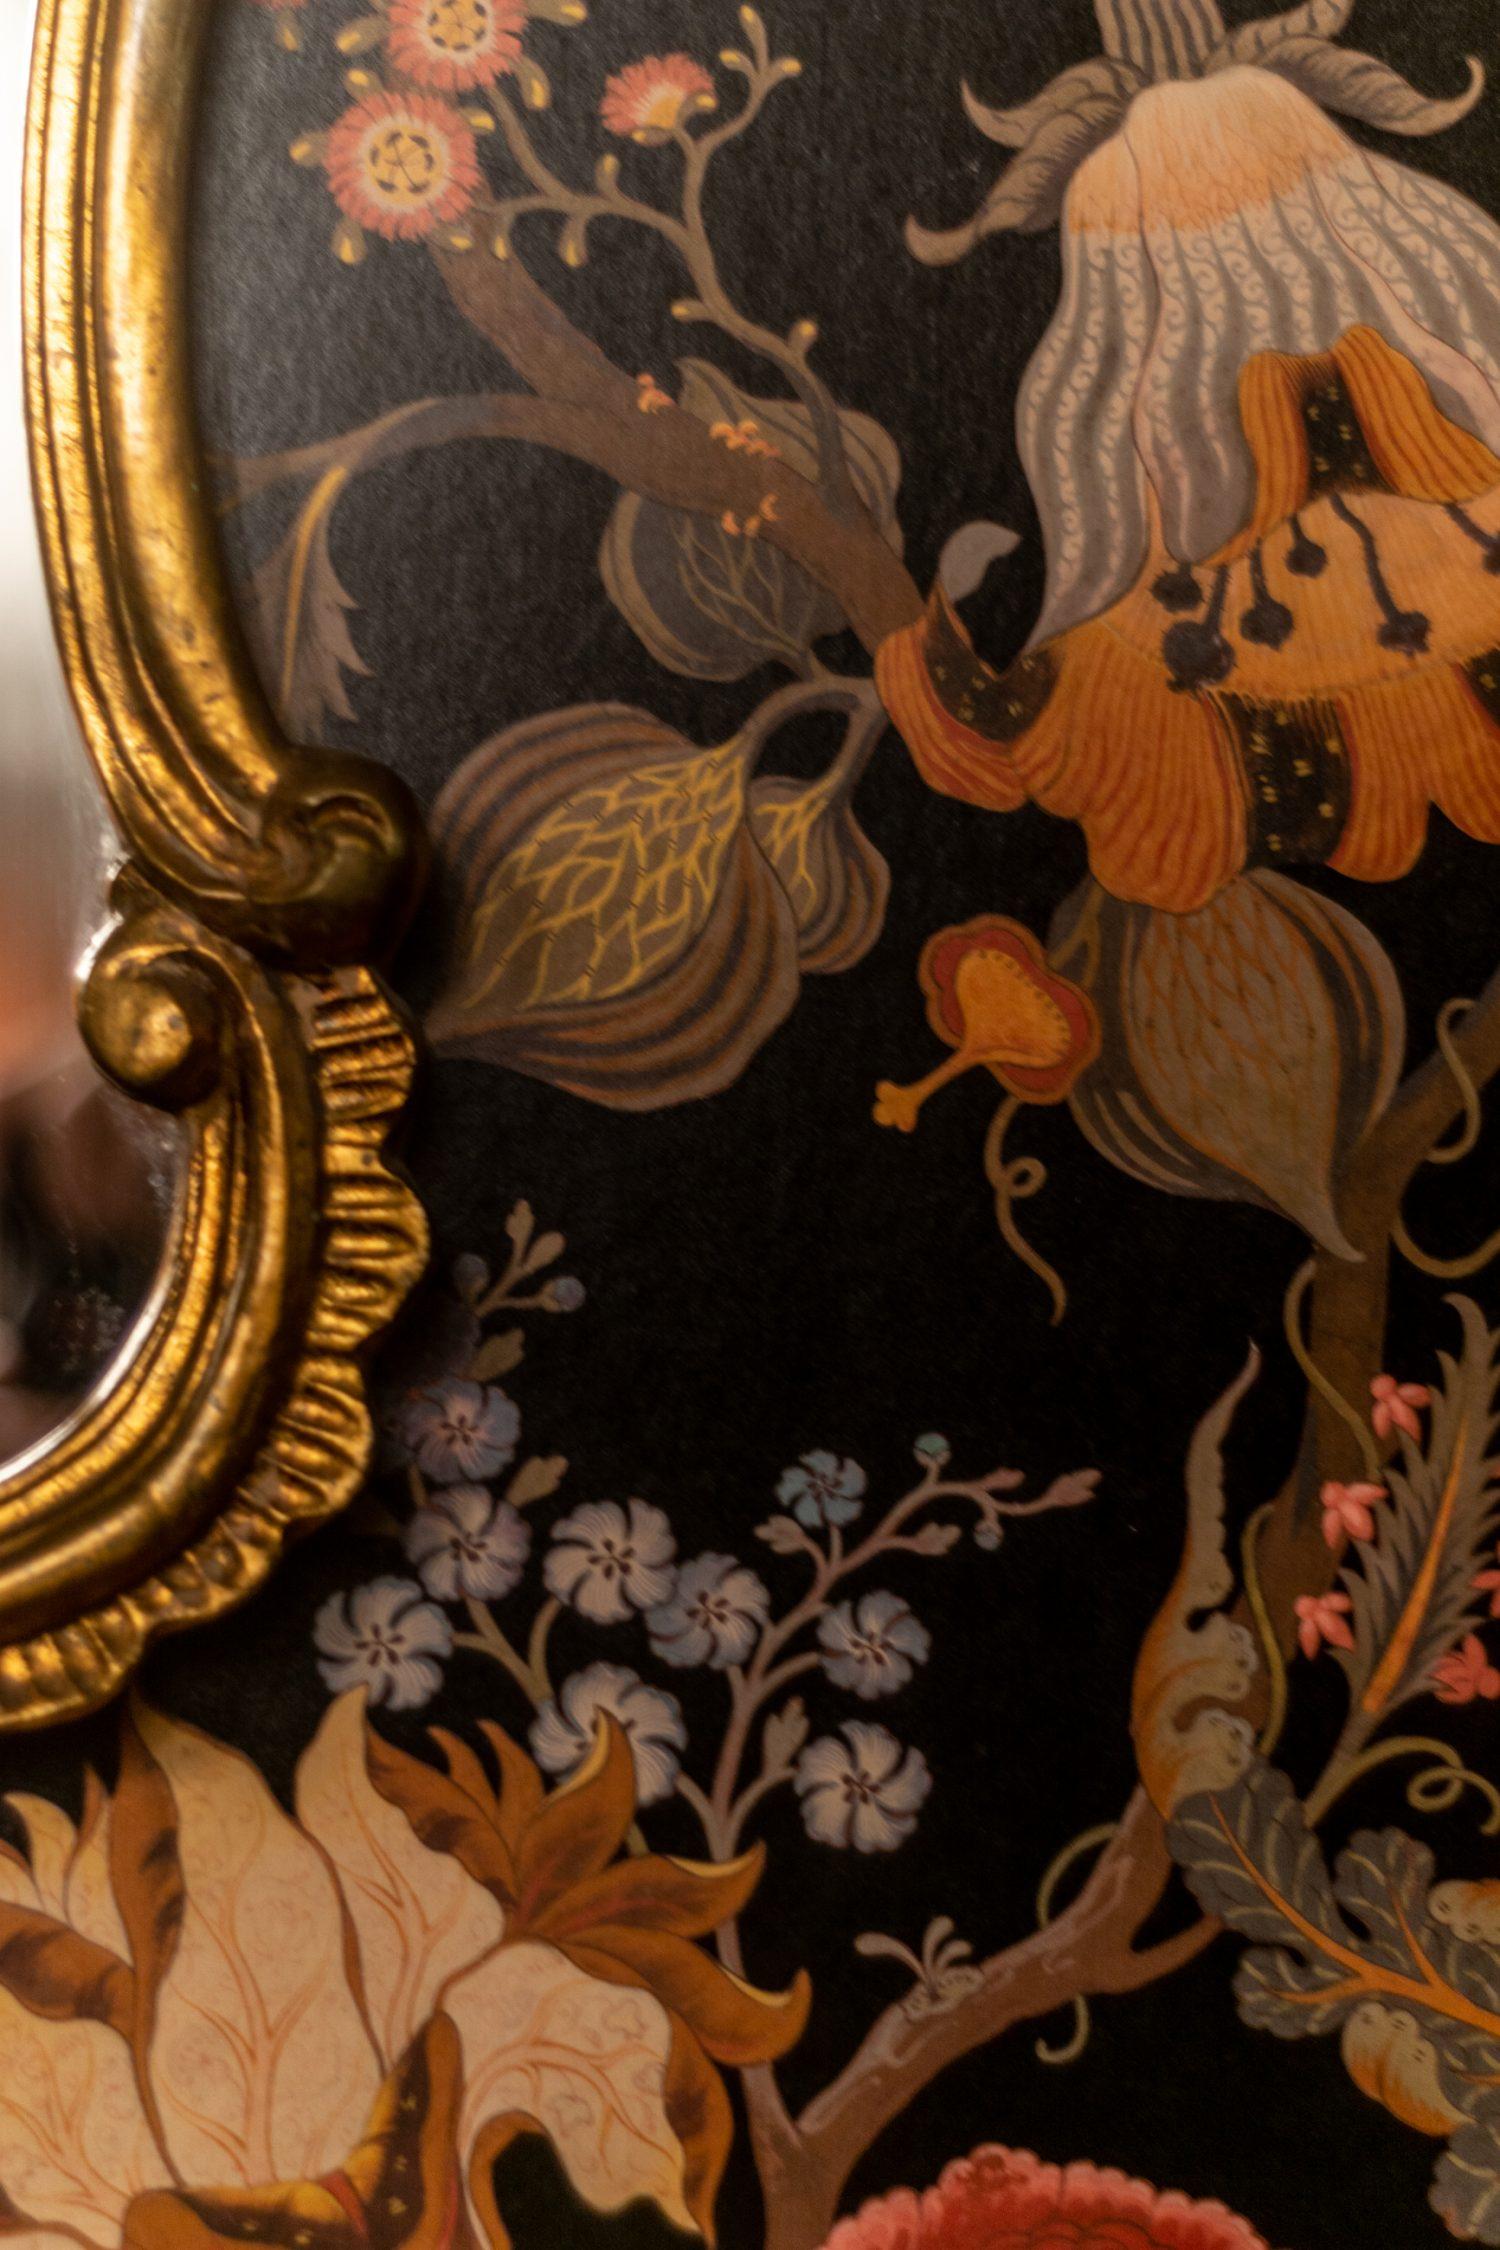 lindholz interior design house of hackney artemis black